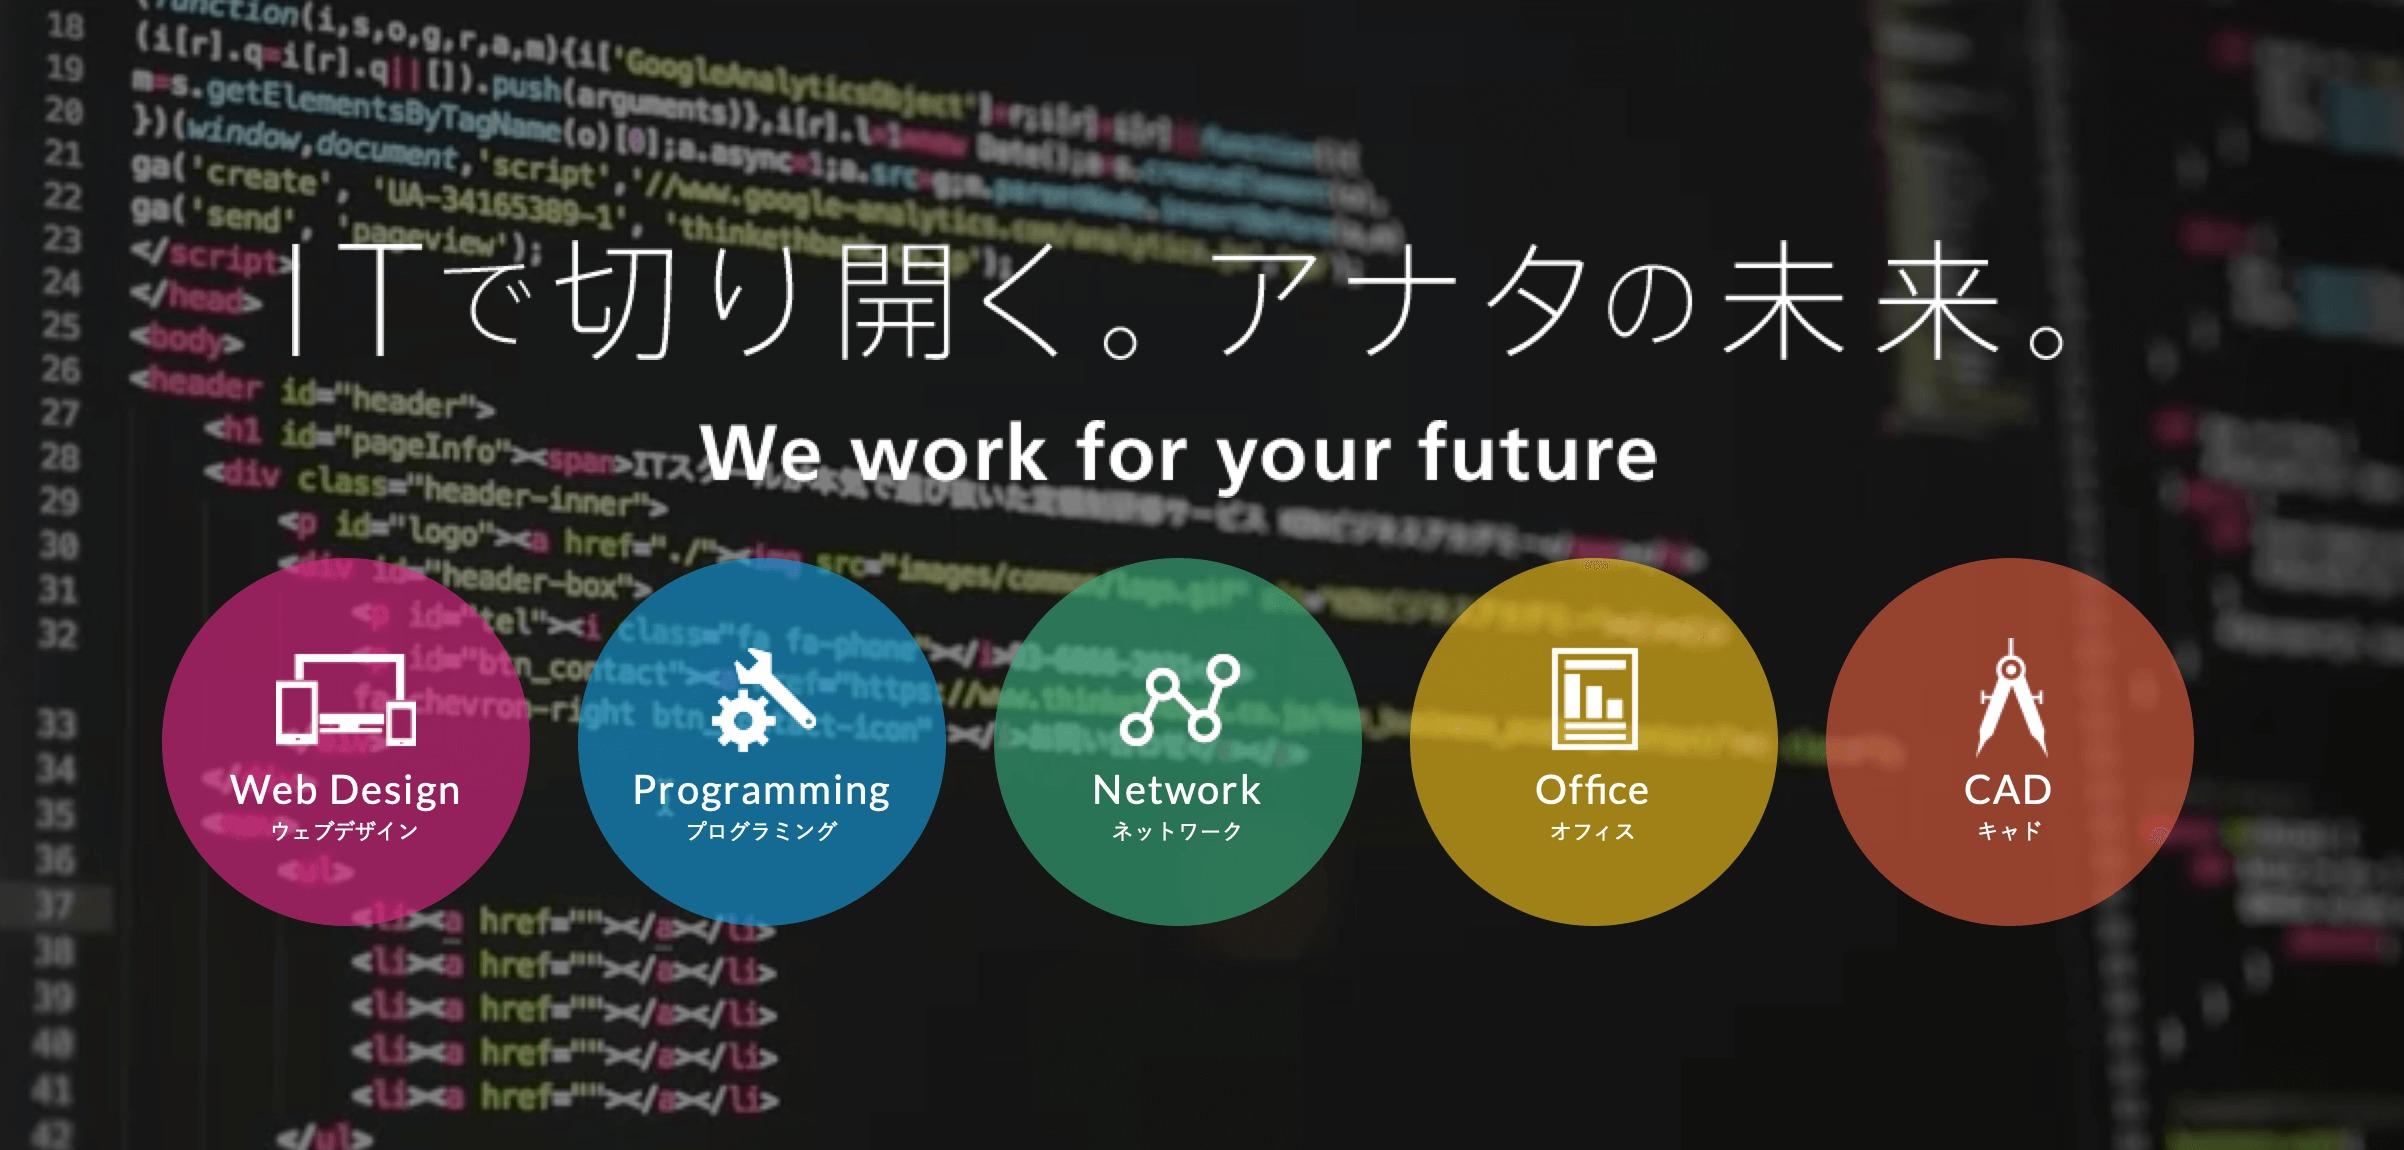 JavaScriptが学べるプログラミングスクール5選